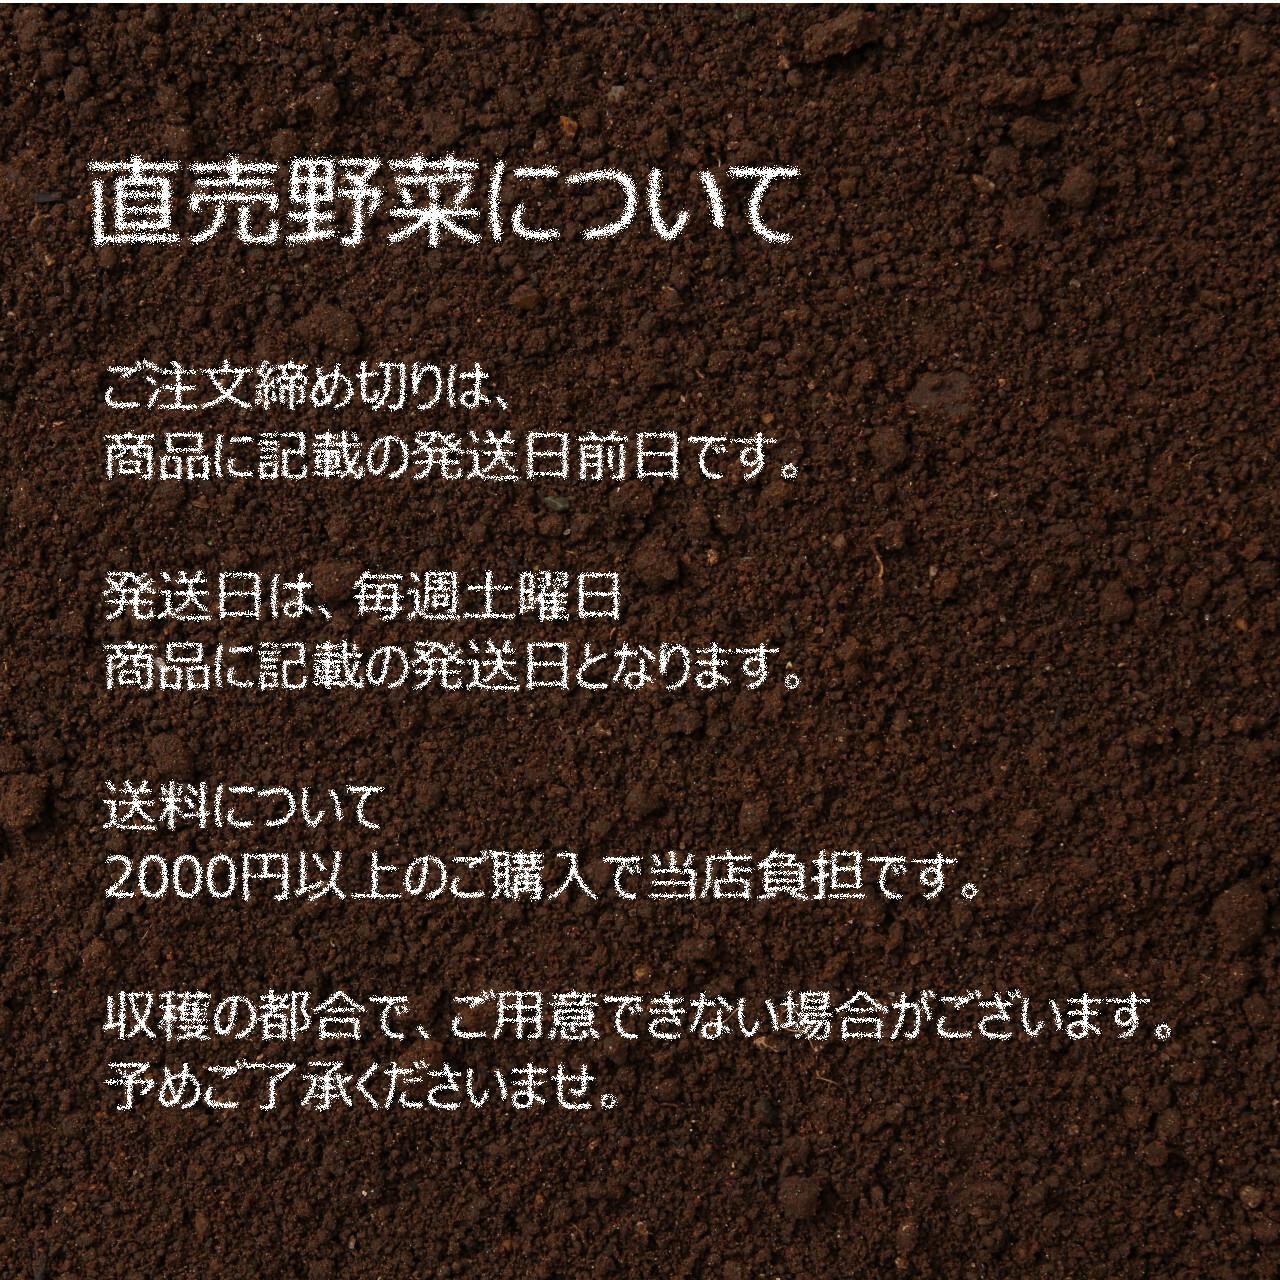 新鮮な夏野菜 : チンゲン菜 約300g 8月の朝採り直売野菜 8月29日発送予定